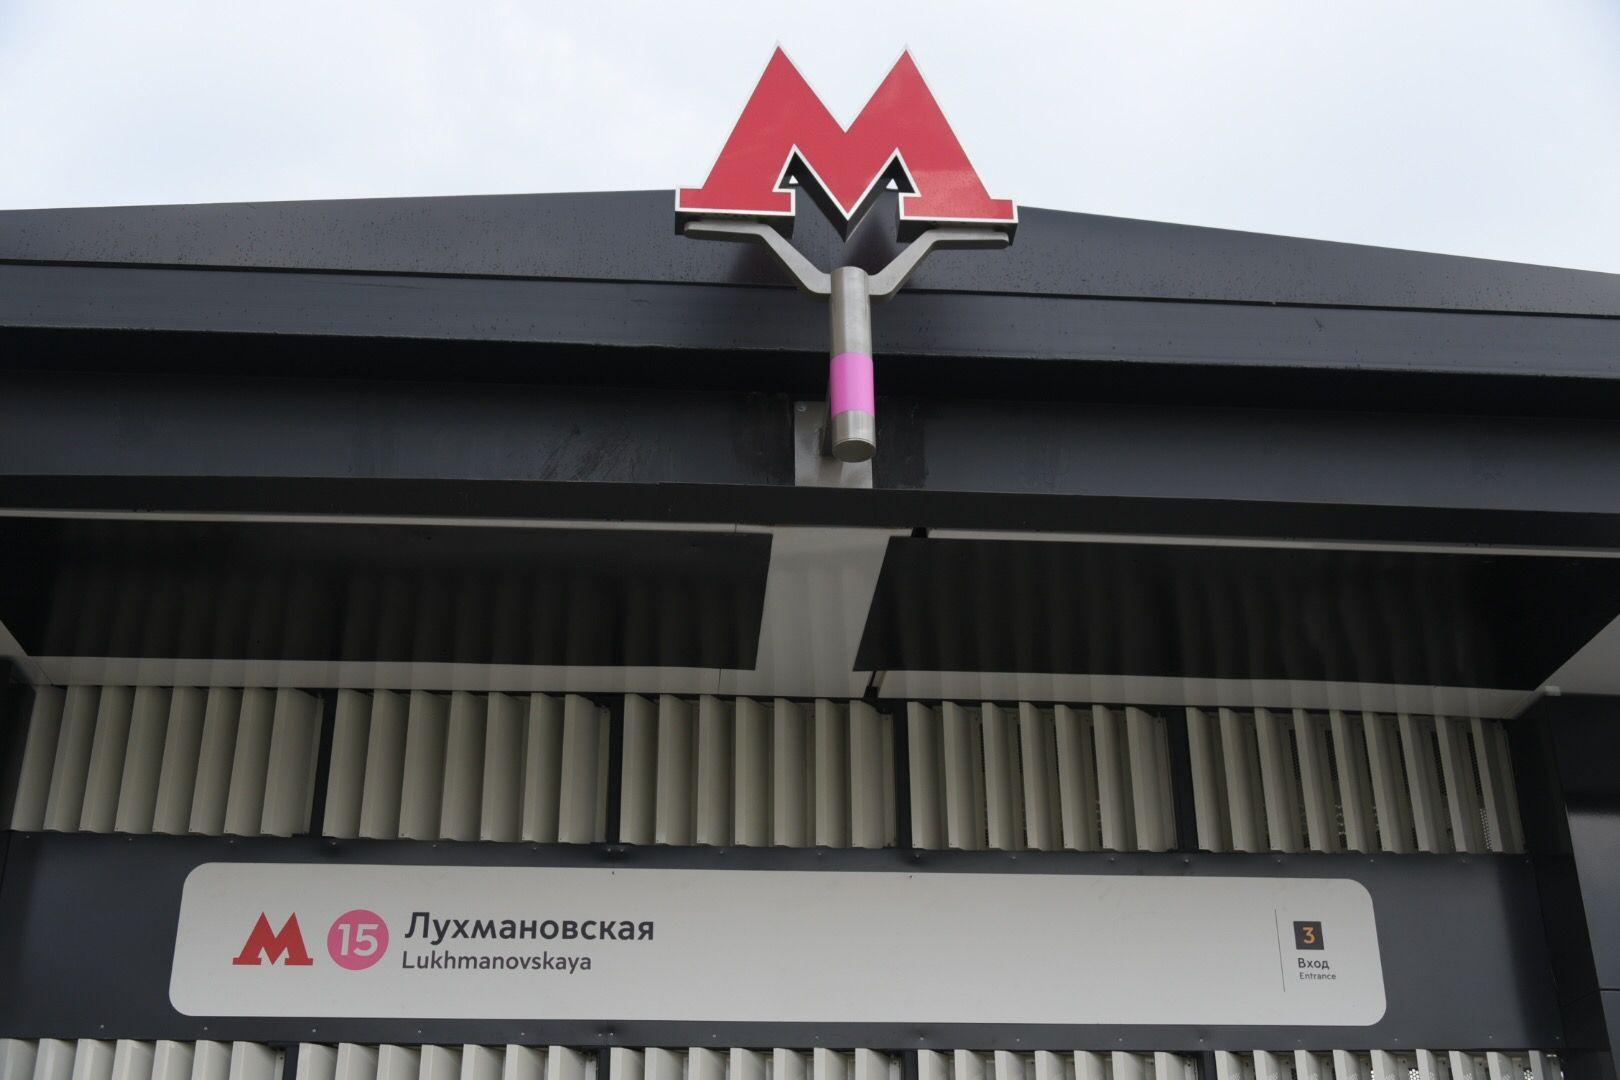 В Москве анонсировали запуск первого участка Некрасовской линии метро